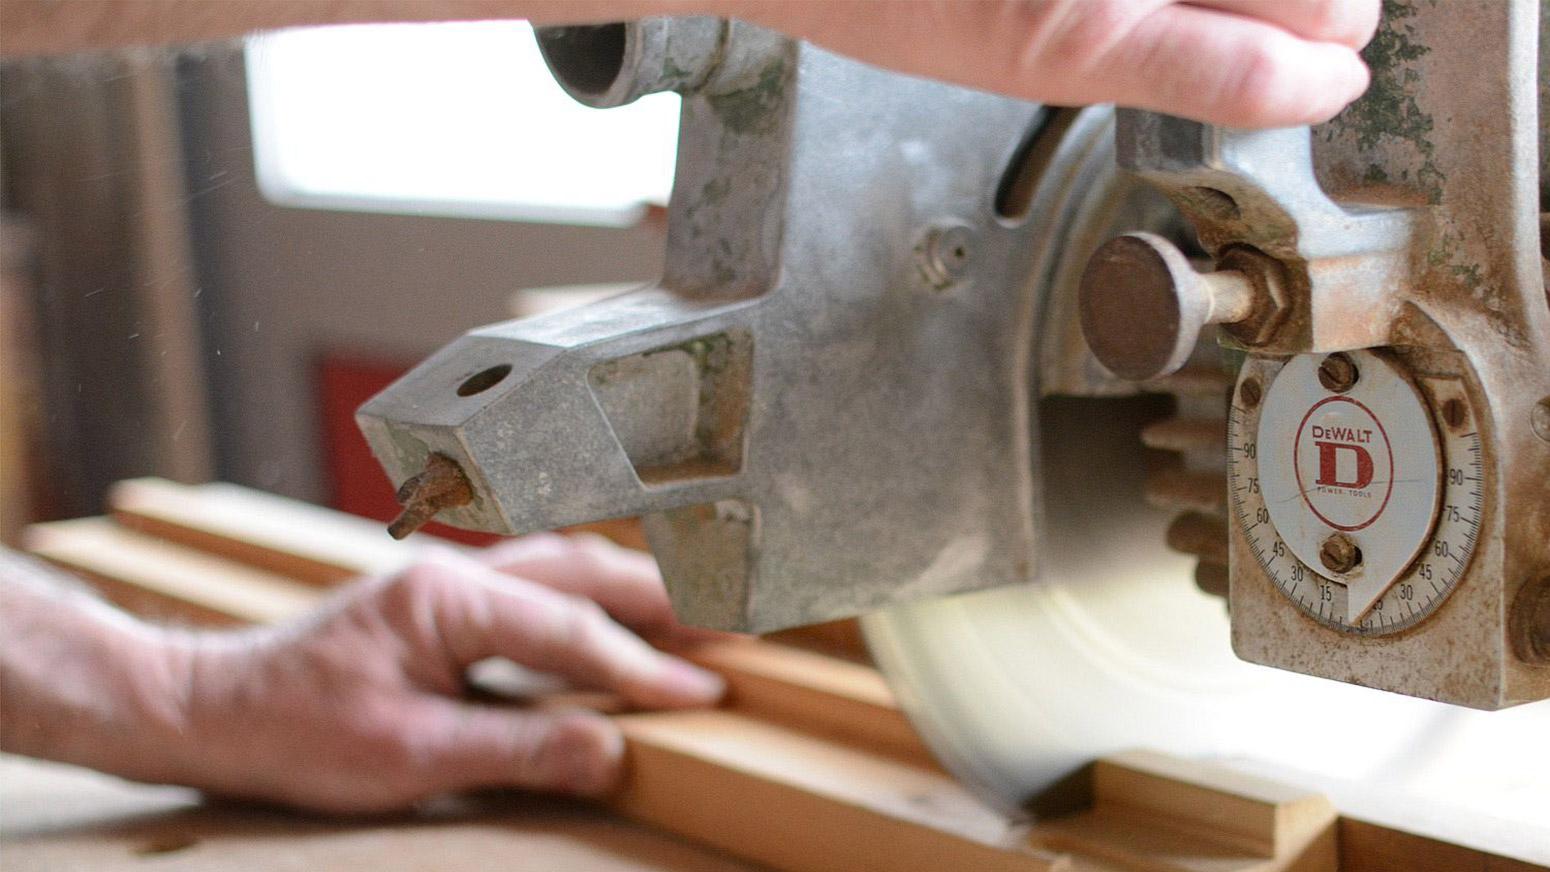 Medewerker die hout bewerkt Timmerbedrijf Blankers BV Nieuwkuijk